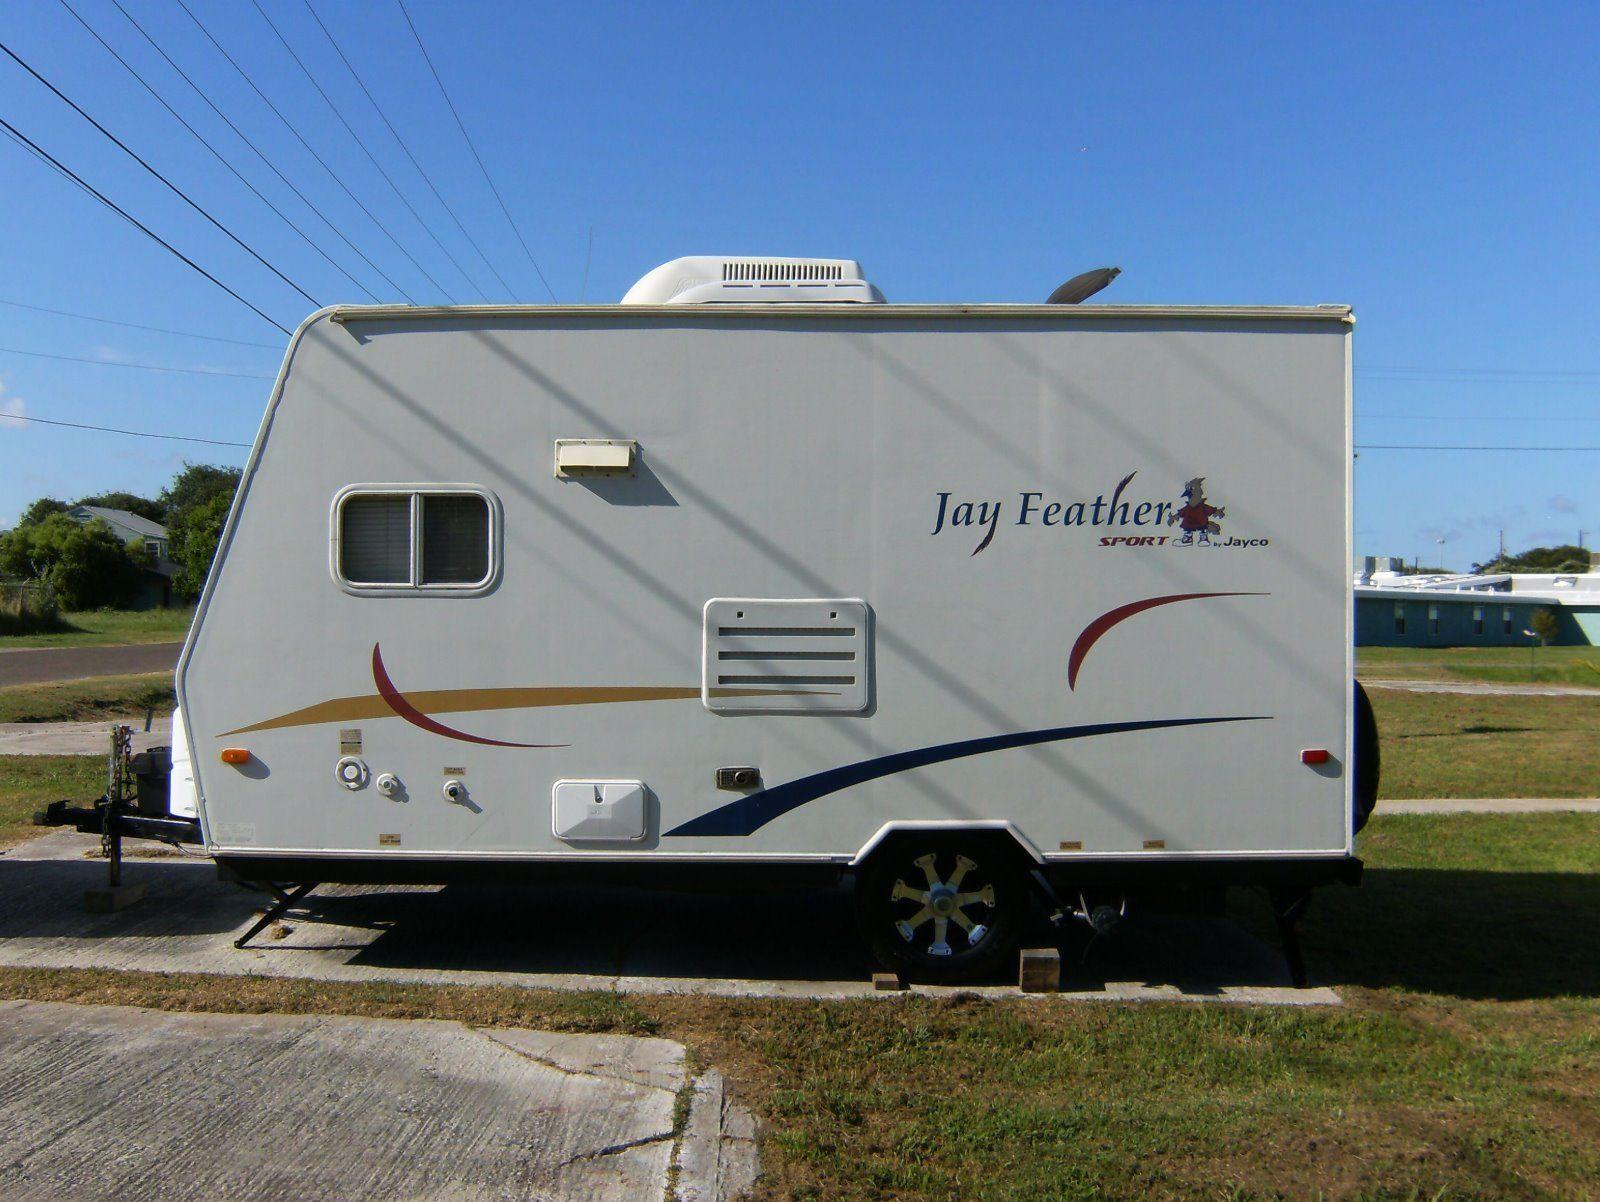 jayco jayfeather sport 165 yy6ipr3 usag s vendre roulottes usag es. Black Bedroom Furniture Sets. Home Design Ideas